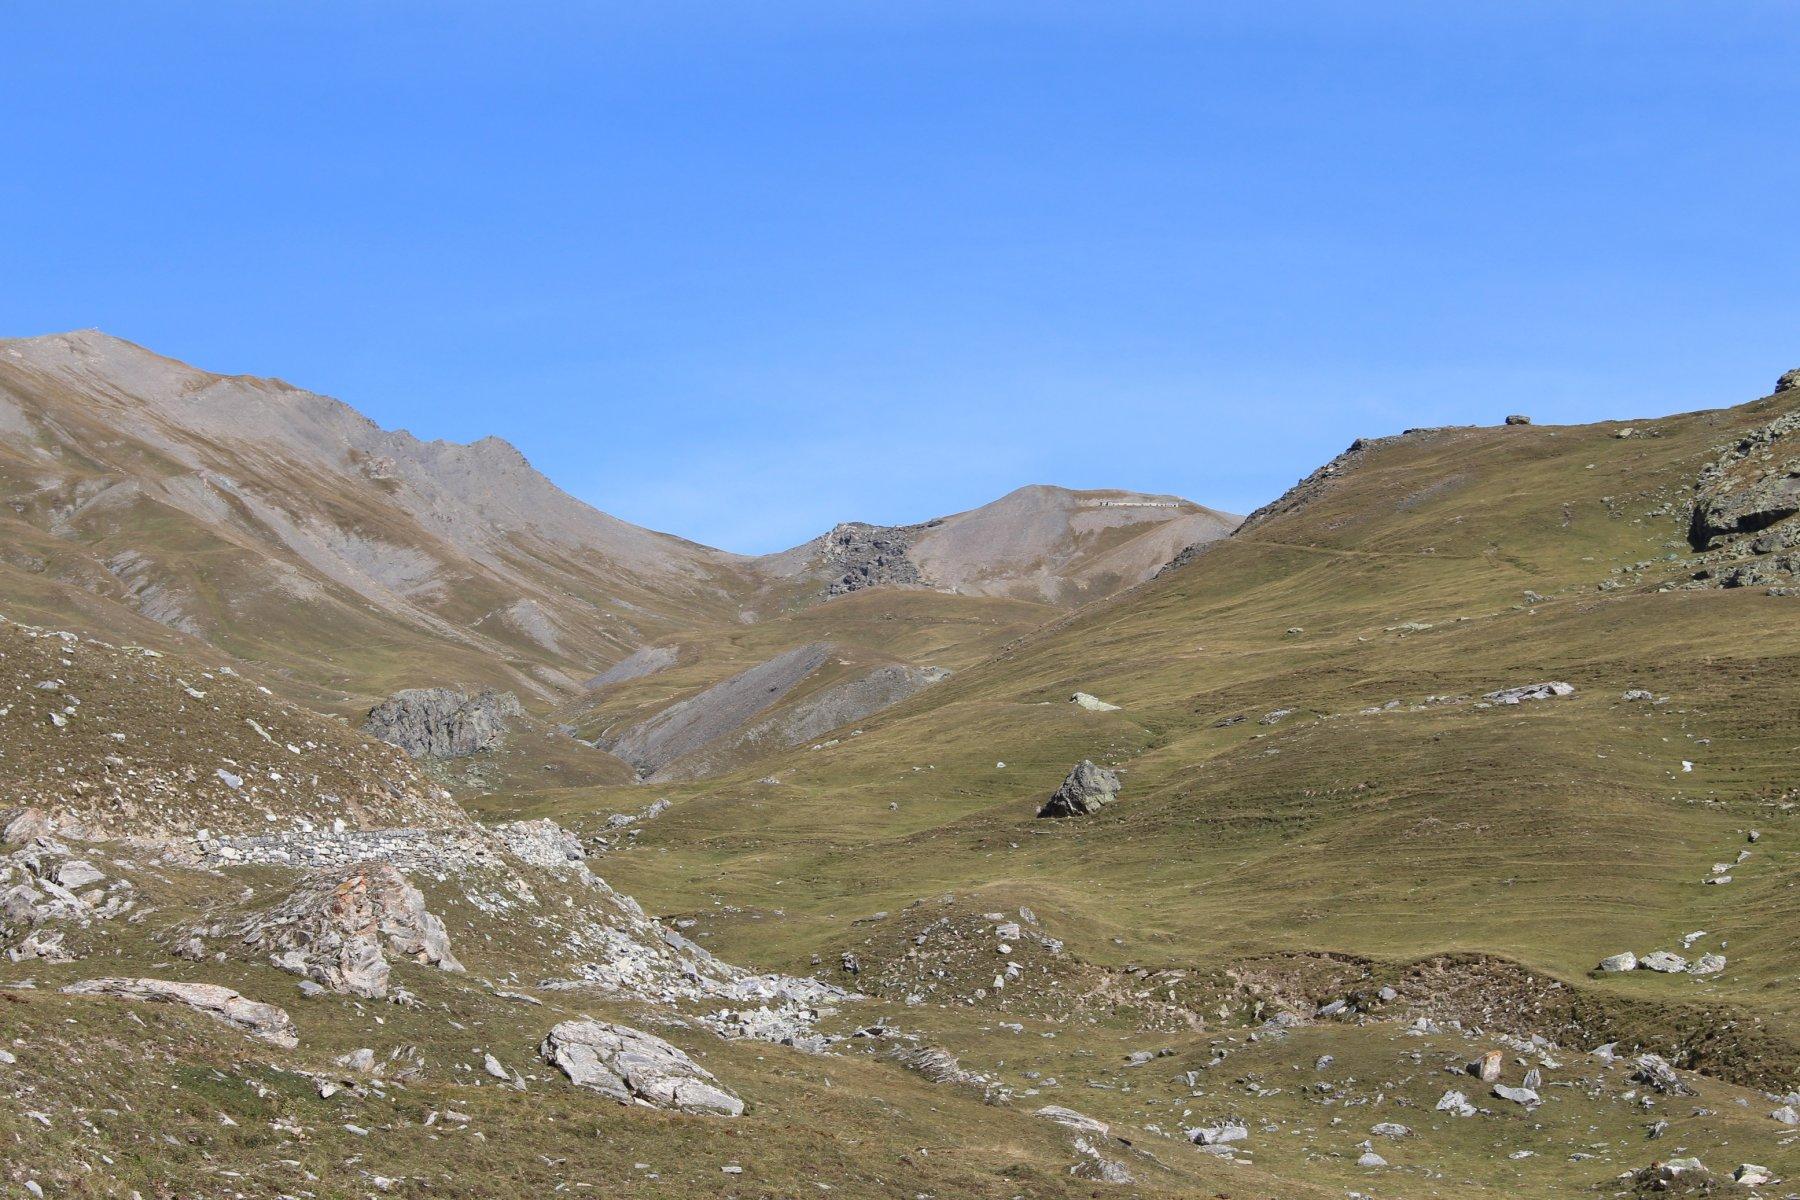 sull' estrema sinistra il Monte Bellino con la croce, in centro il colle e poi il Forte Carmagnola